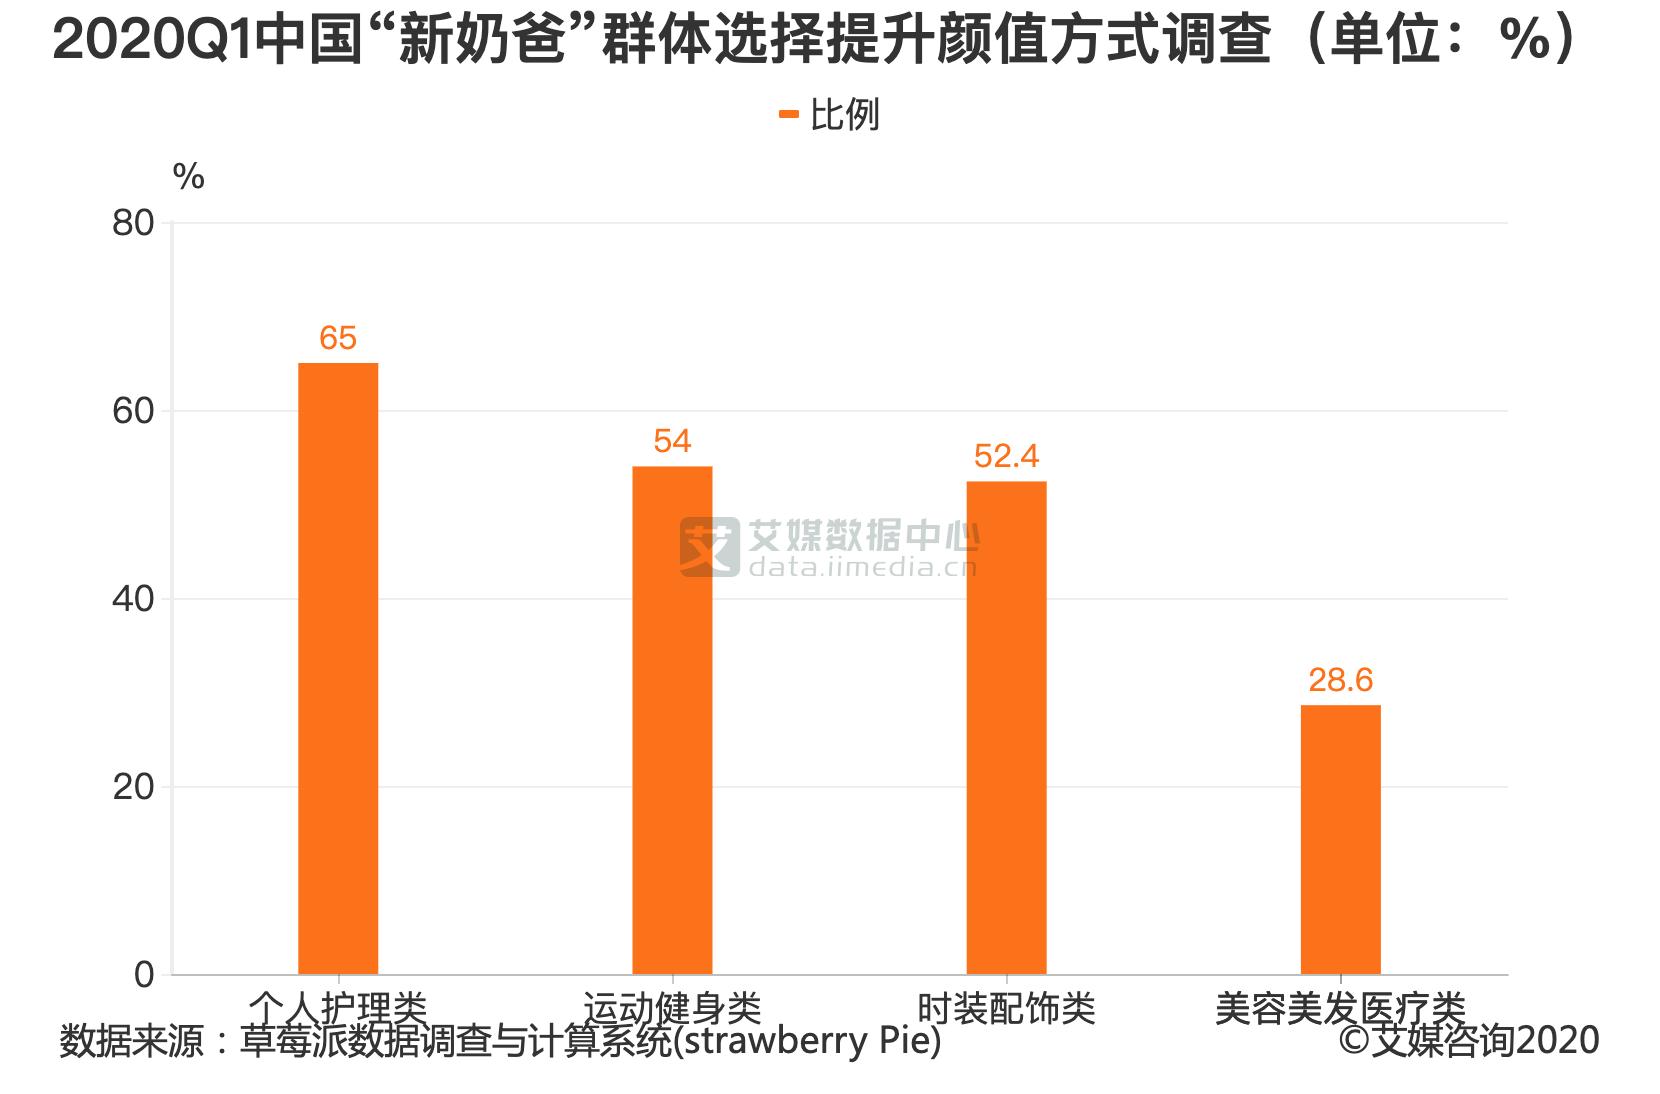 """2020Q1中国""""新奶爸""""群体选择提升颜值方式调查(单位:%)"""